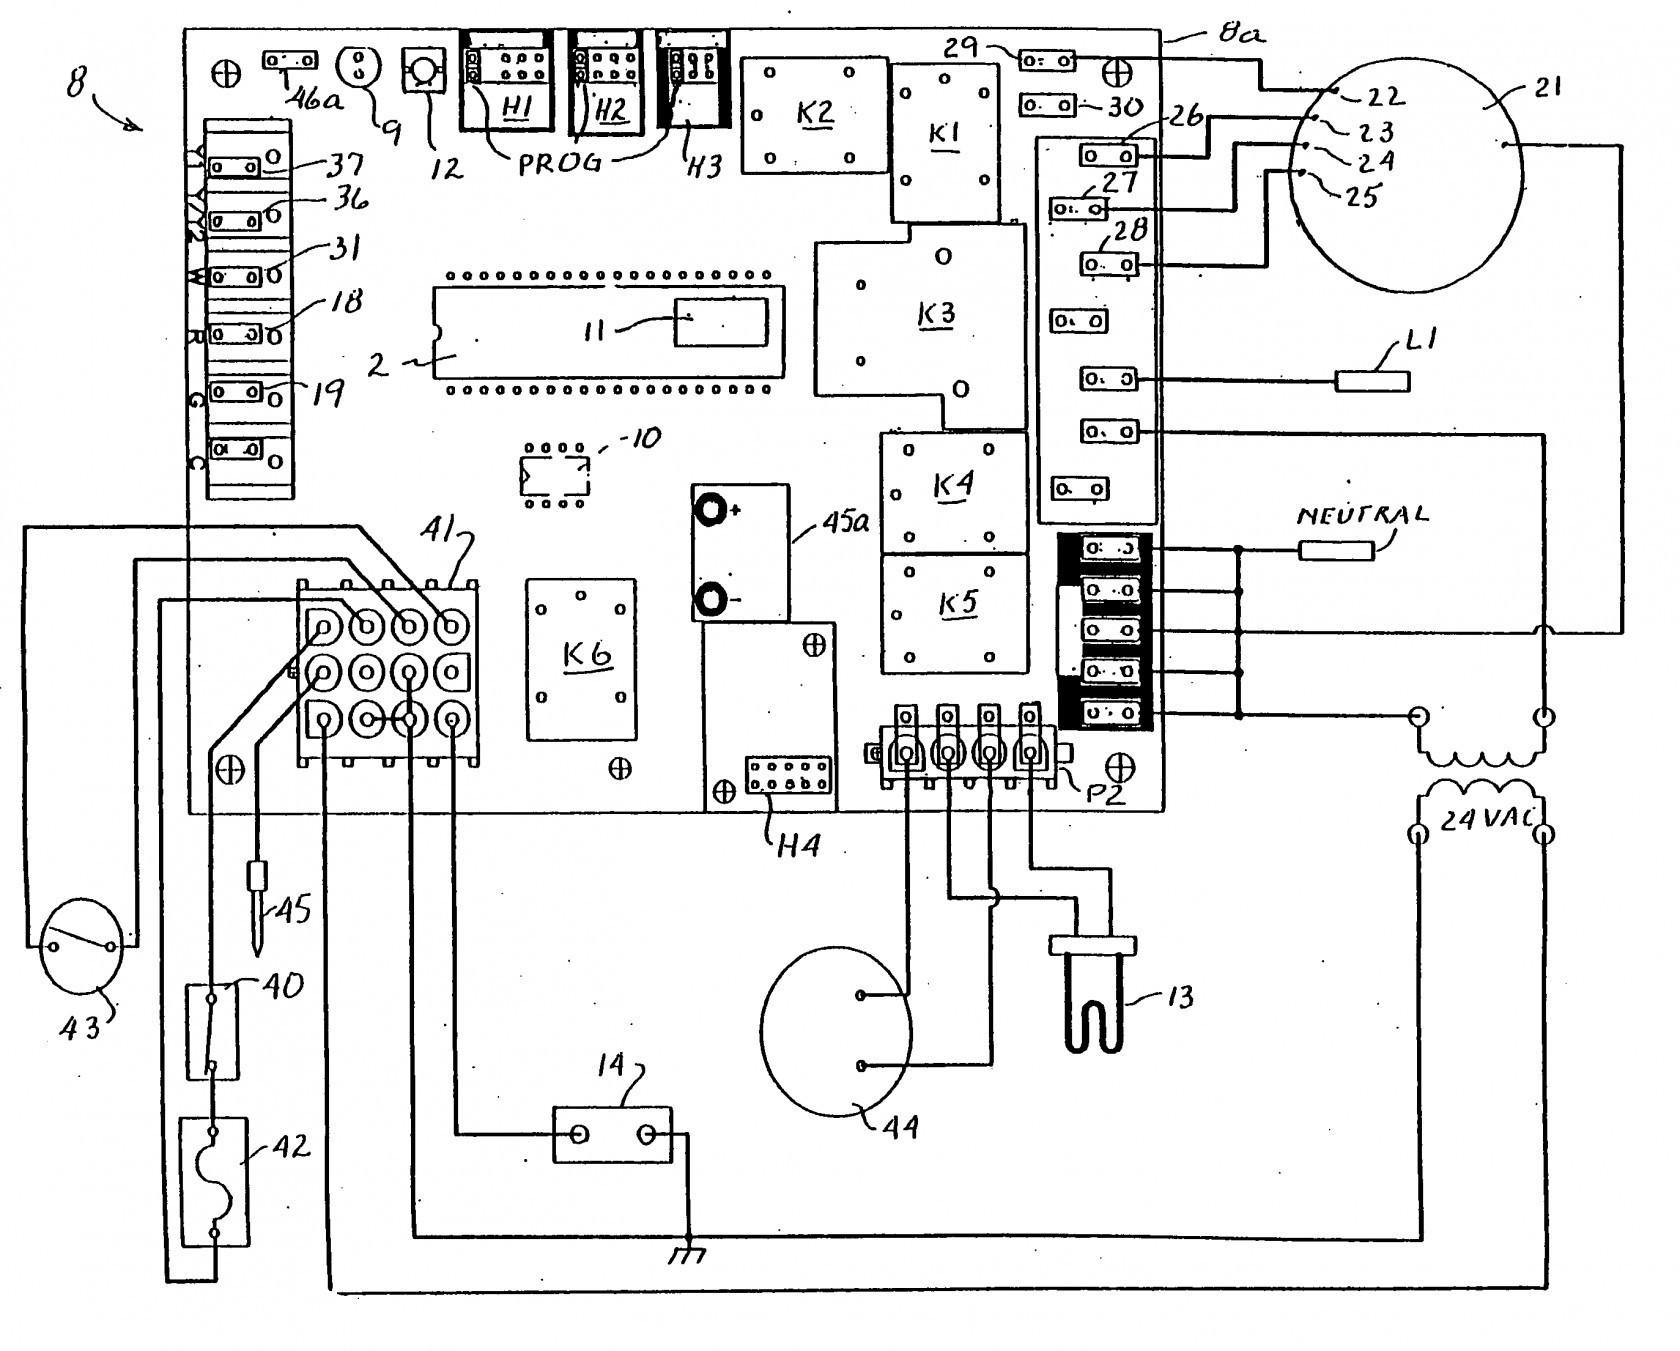 ruud wiring diagram guitar heat pump my